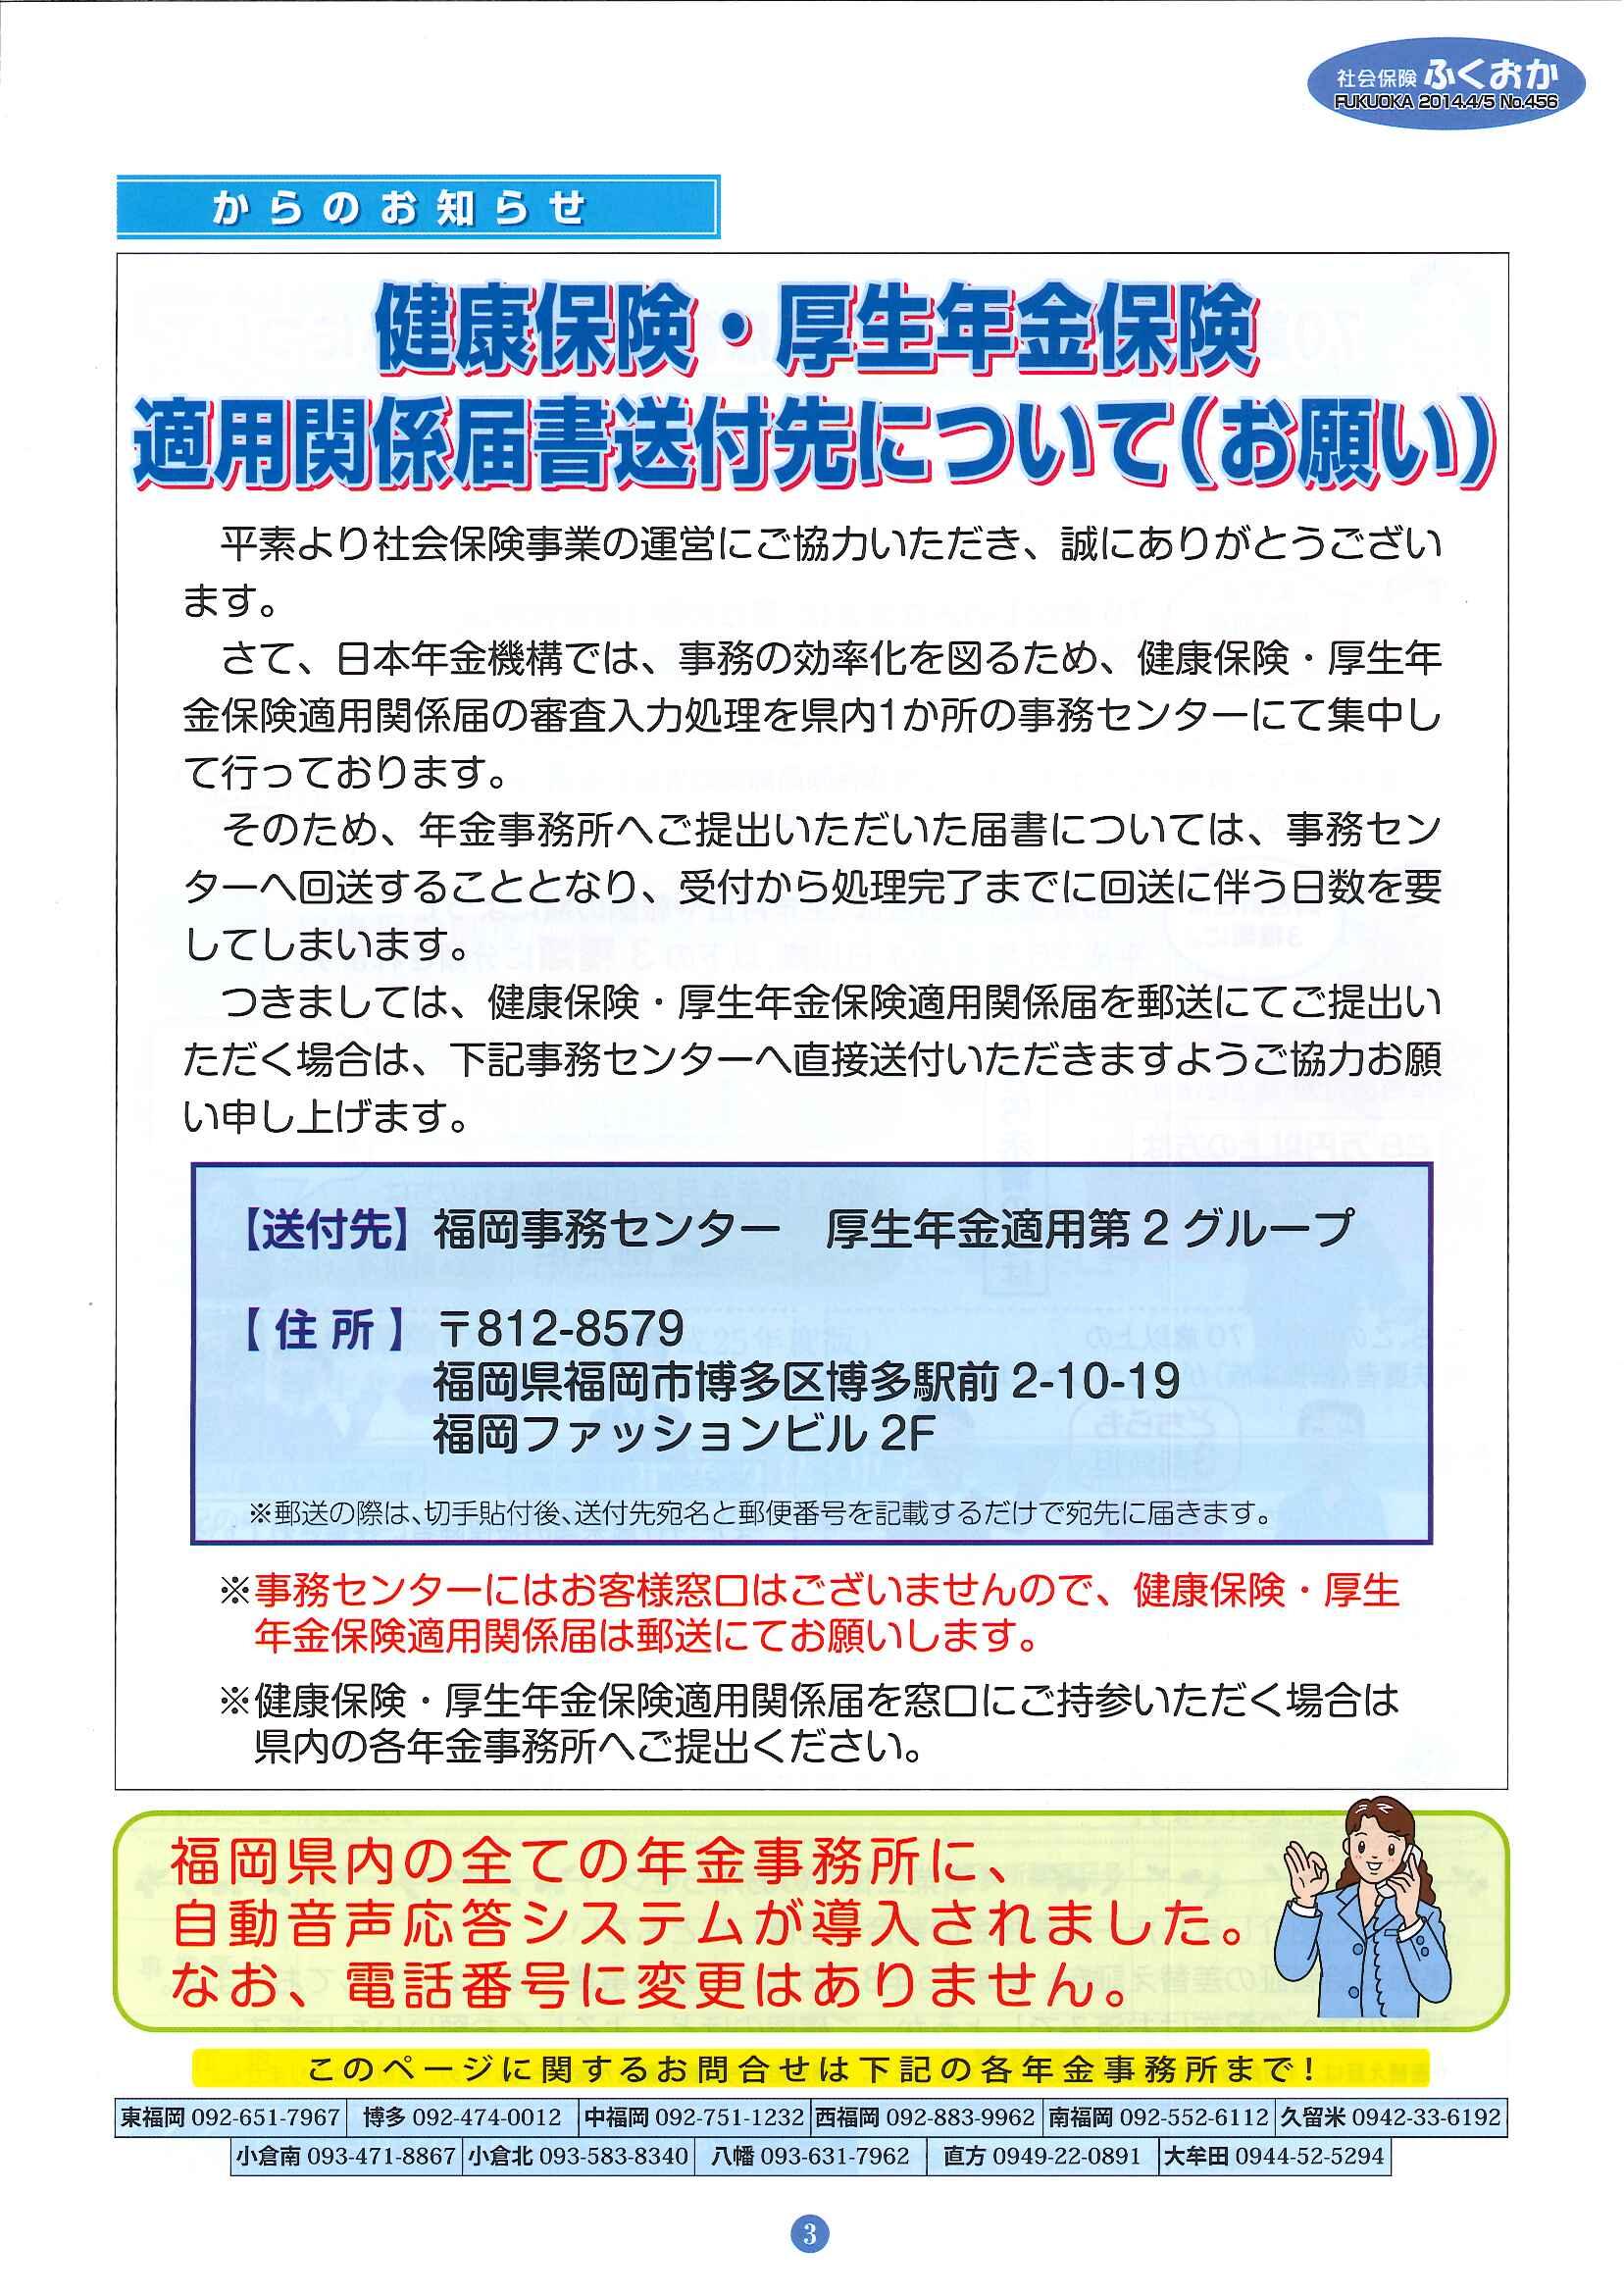 社会保険 ふくおか 2014年4・5月号_f0120774_14585693.jpg